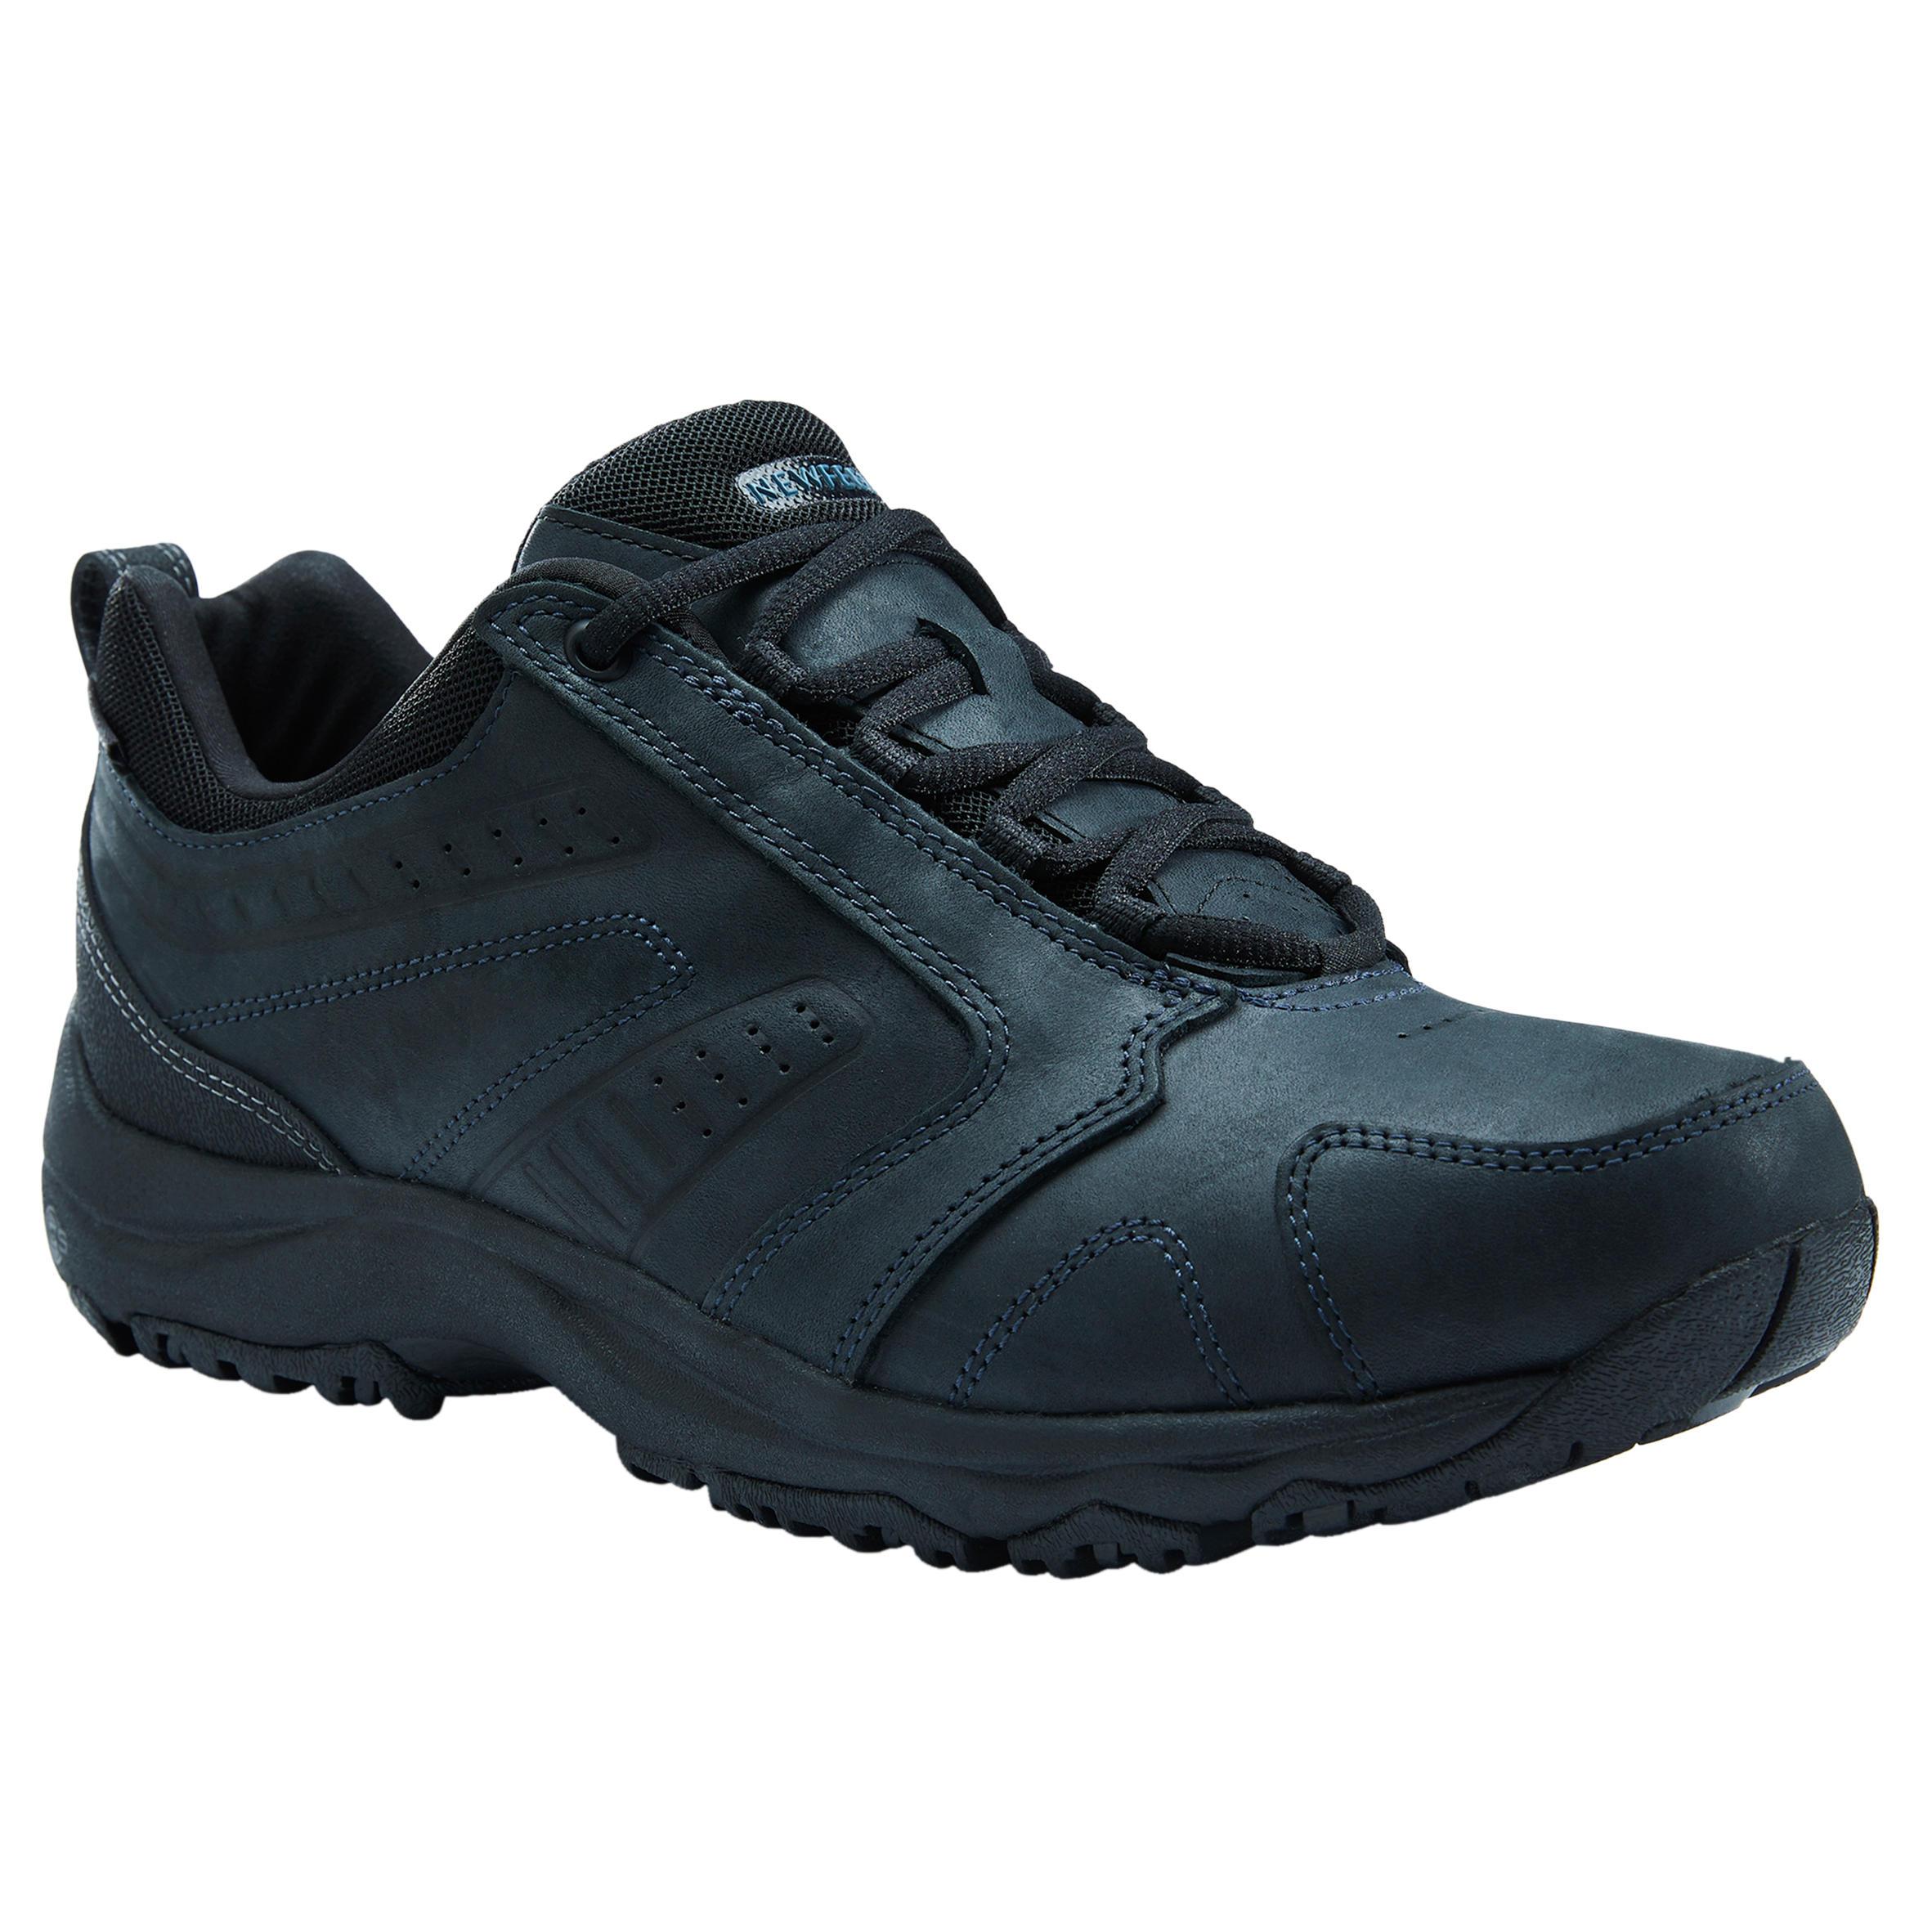 NEWFEEL Chaussures marche sportive homme Nakuru Waterproof imperméable cuir noir - NEWFEEL - 46